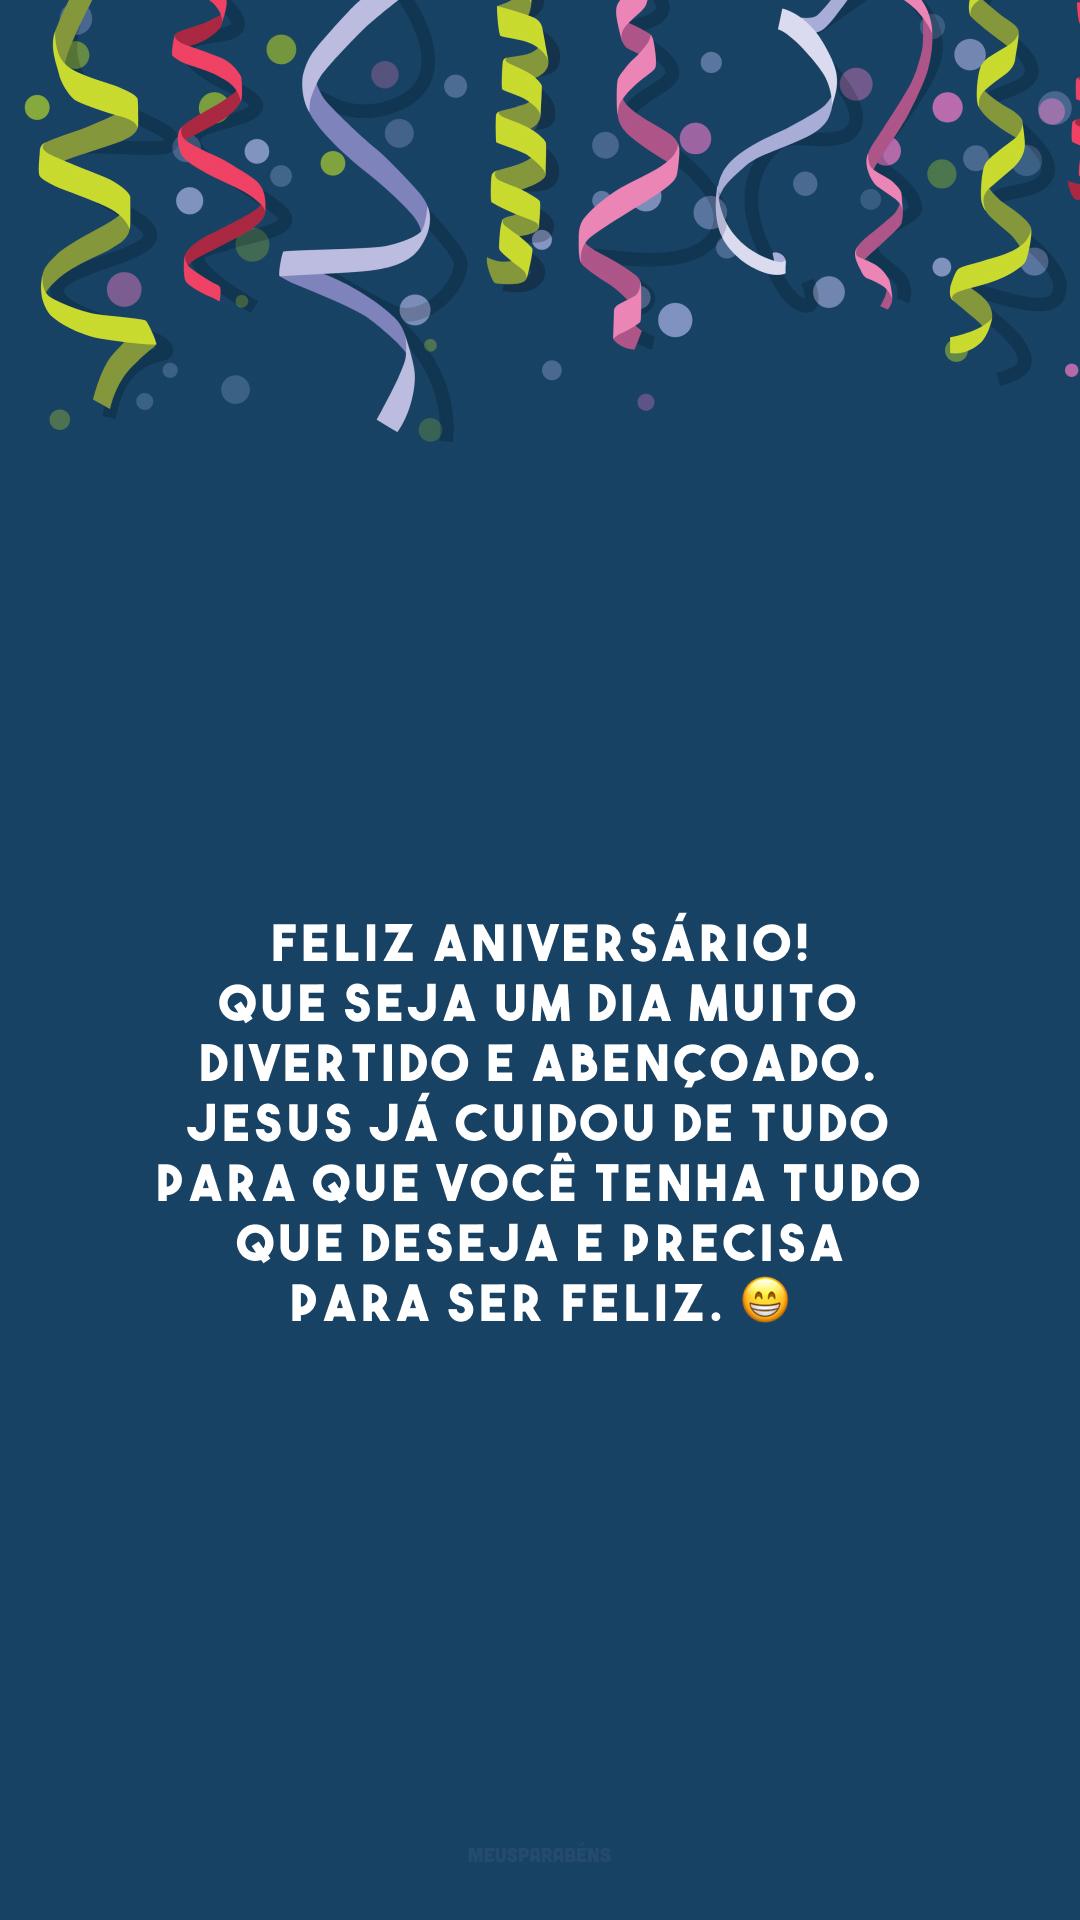 Feliz aniversário! Que seja um dia muito divertido e abençoado. Jesus já cuidou de tudo para que você tenha tudo que deseja e precisa para ser feliz. 😁